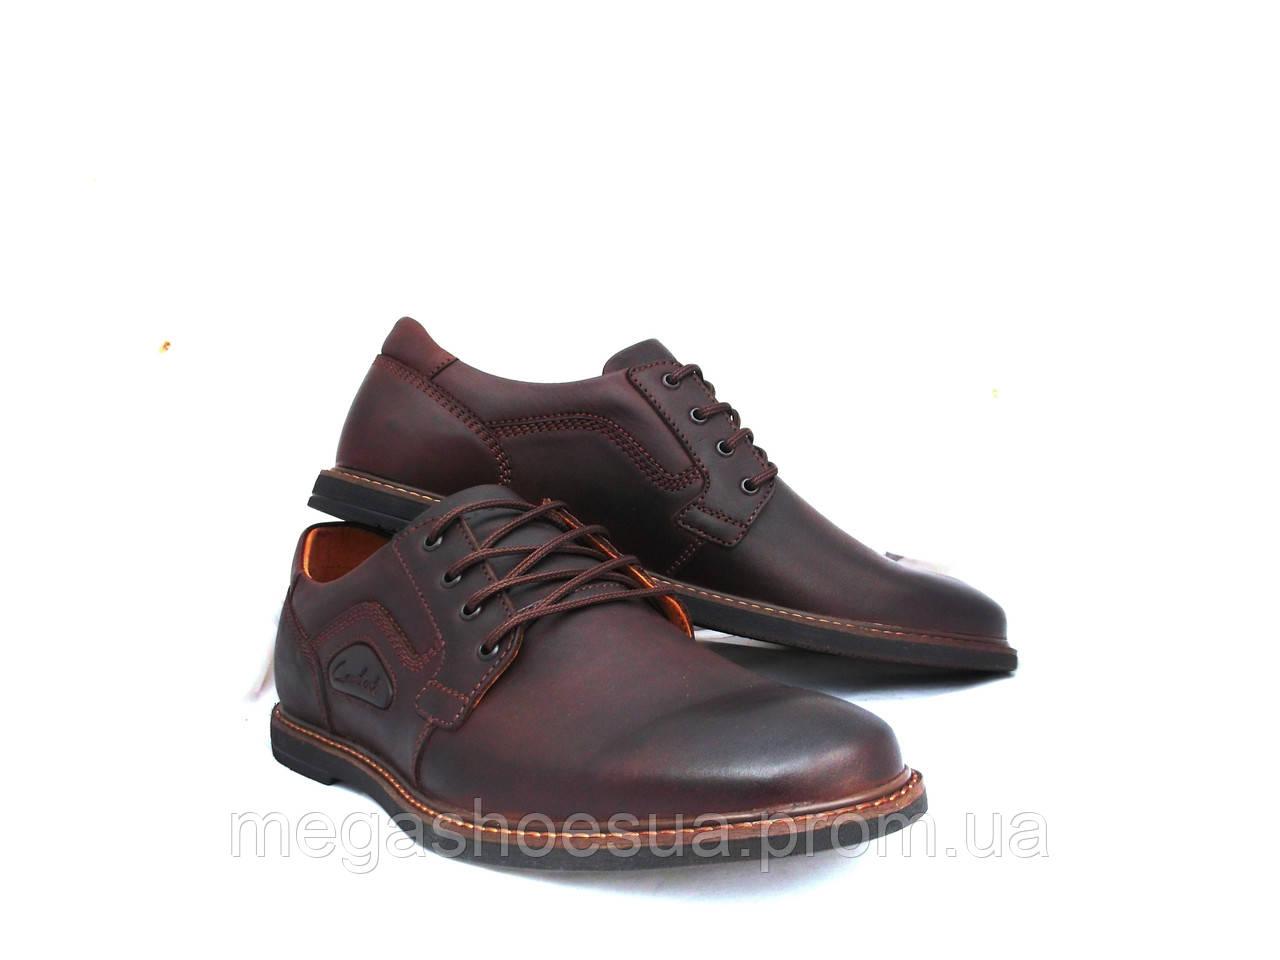 89a977716717 Мужские туфли Bumer с натуральной кожи стильные - Интернет-магазин  украинской обуви MegaShoes в Киеве